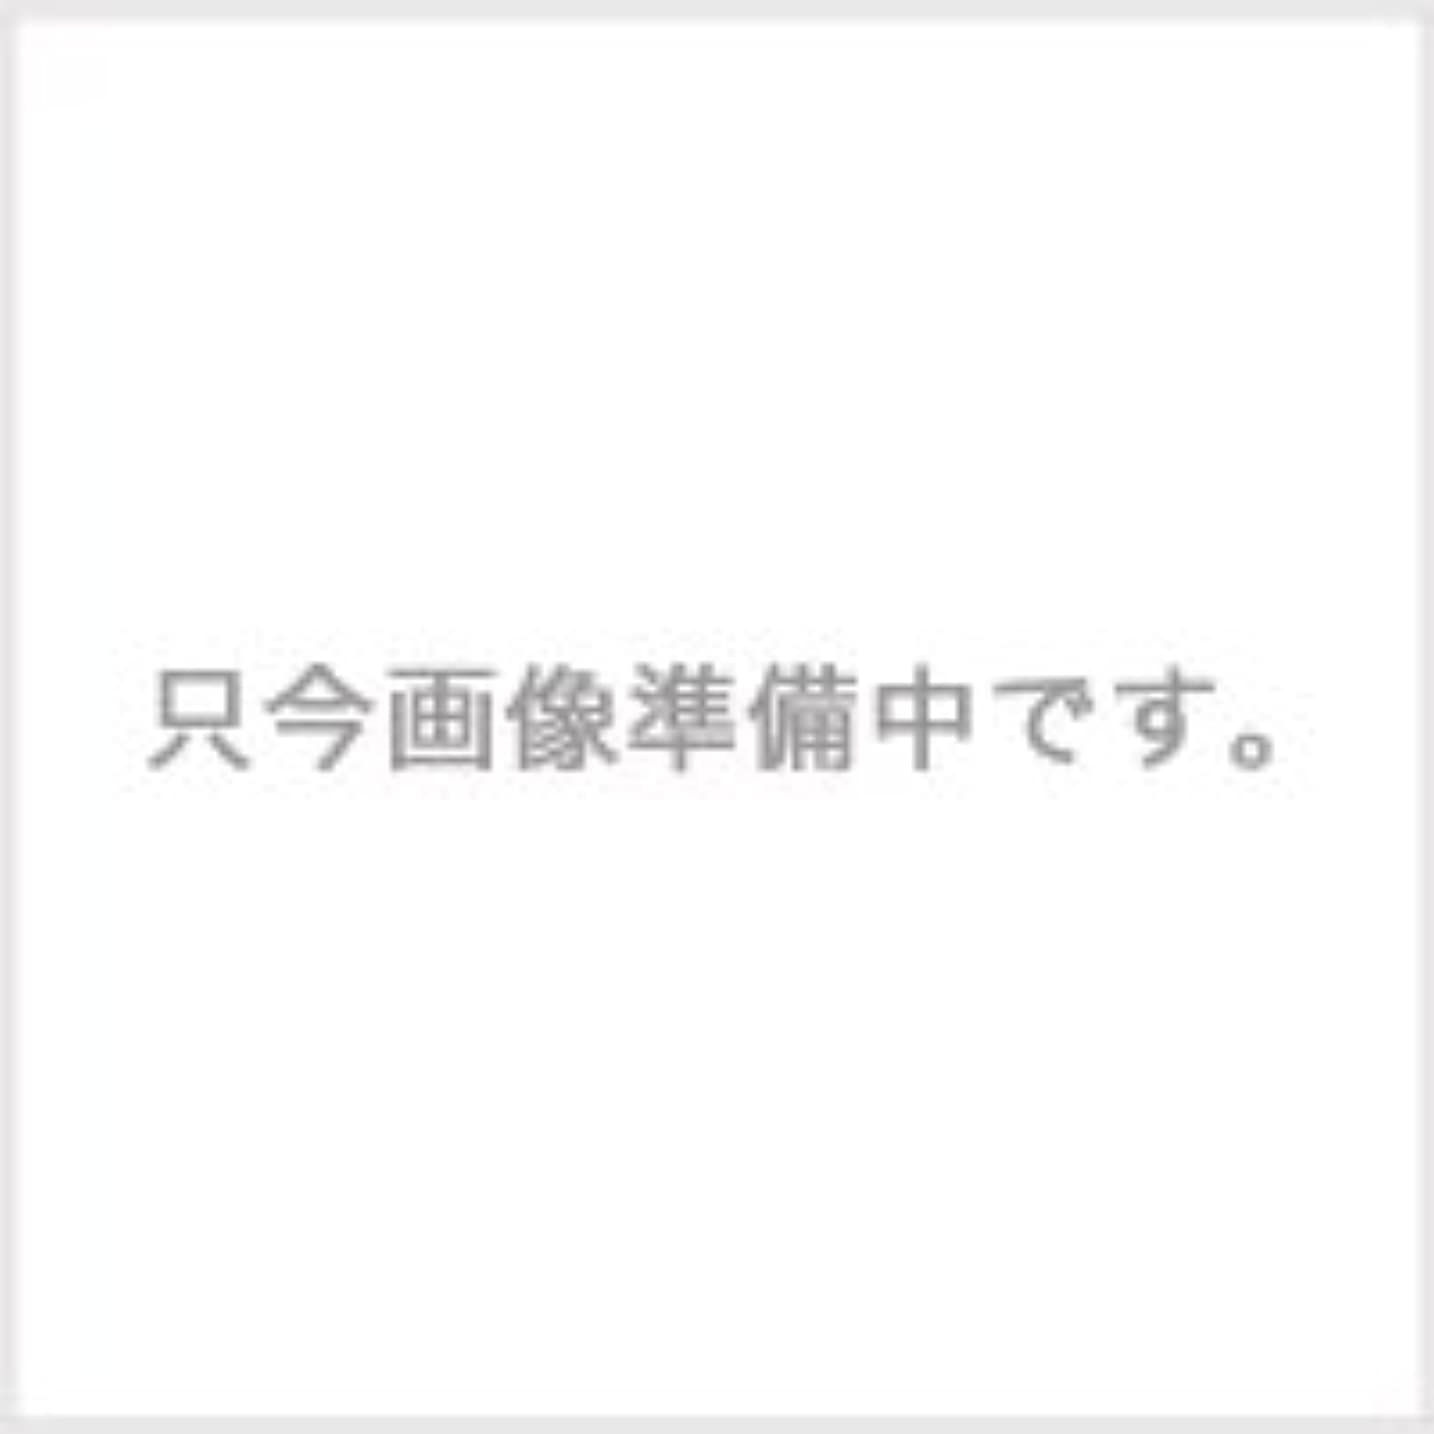 発表ジャングル洞察力コタ スタイリング SH スーパーハードジェル 100g